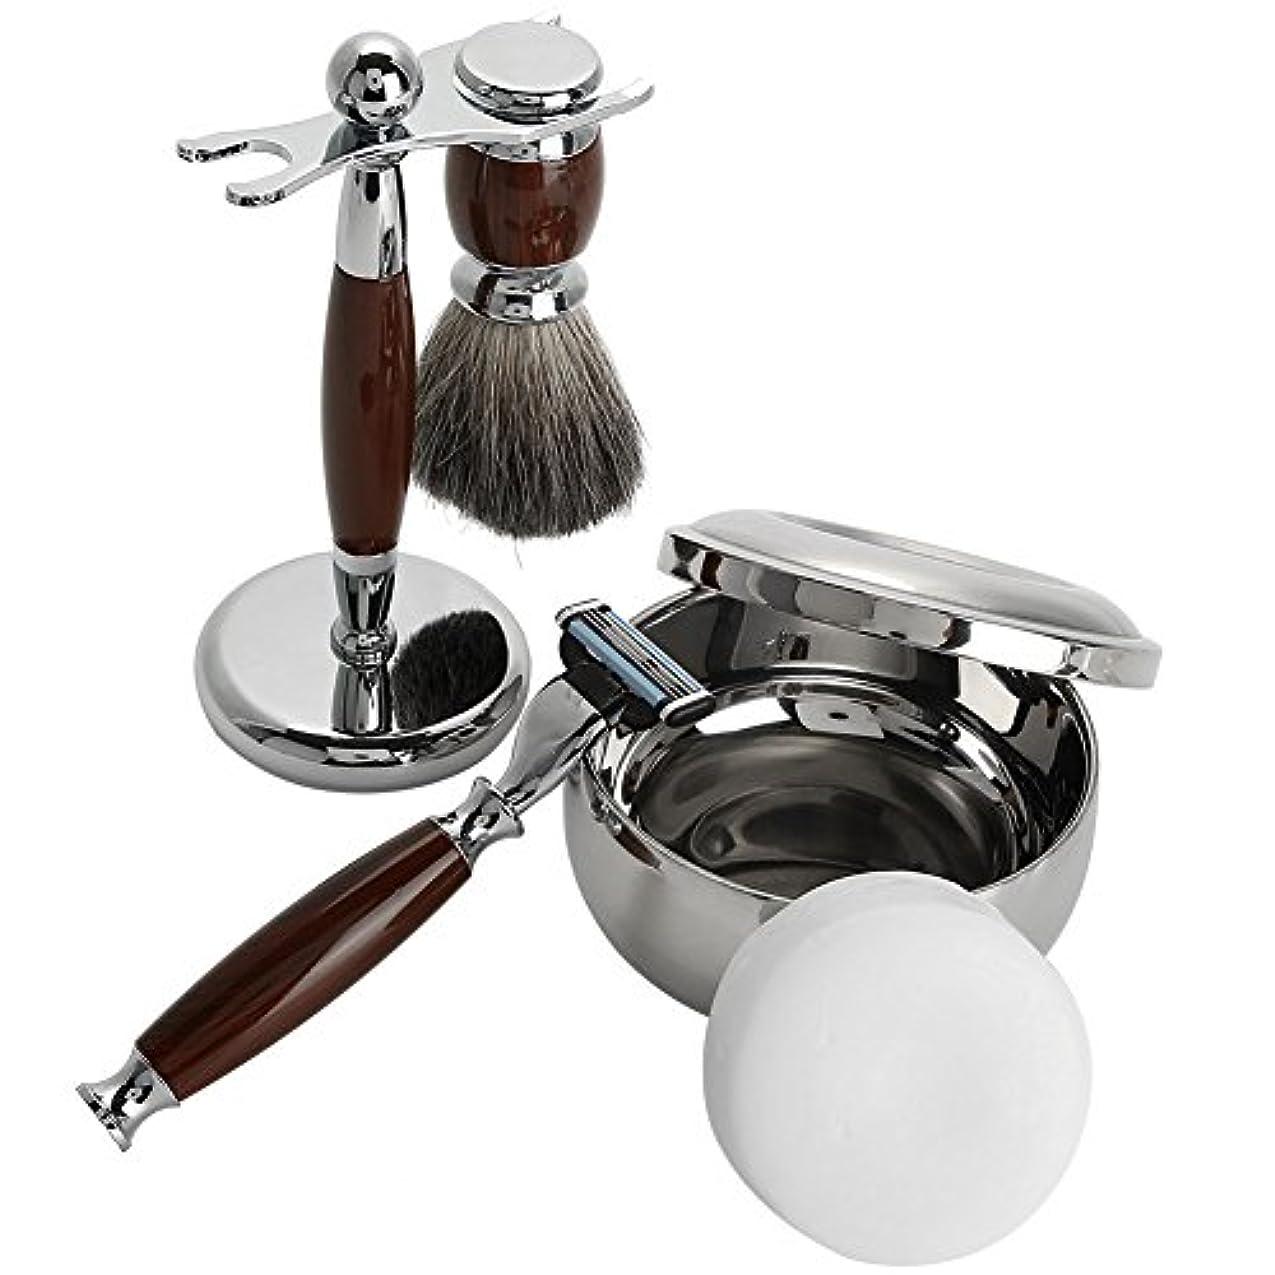 ハック謝罪粉砕する剃刀 -Dewin シェービングブラシセット、剃刀スタンド、石鹸ボウル、石鹸、洗顔ブラシ、髭剃り、泡立ち、メンズ